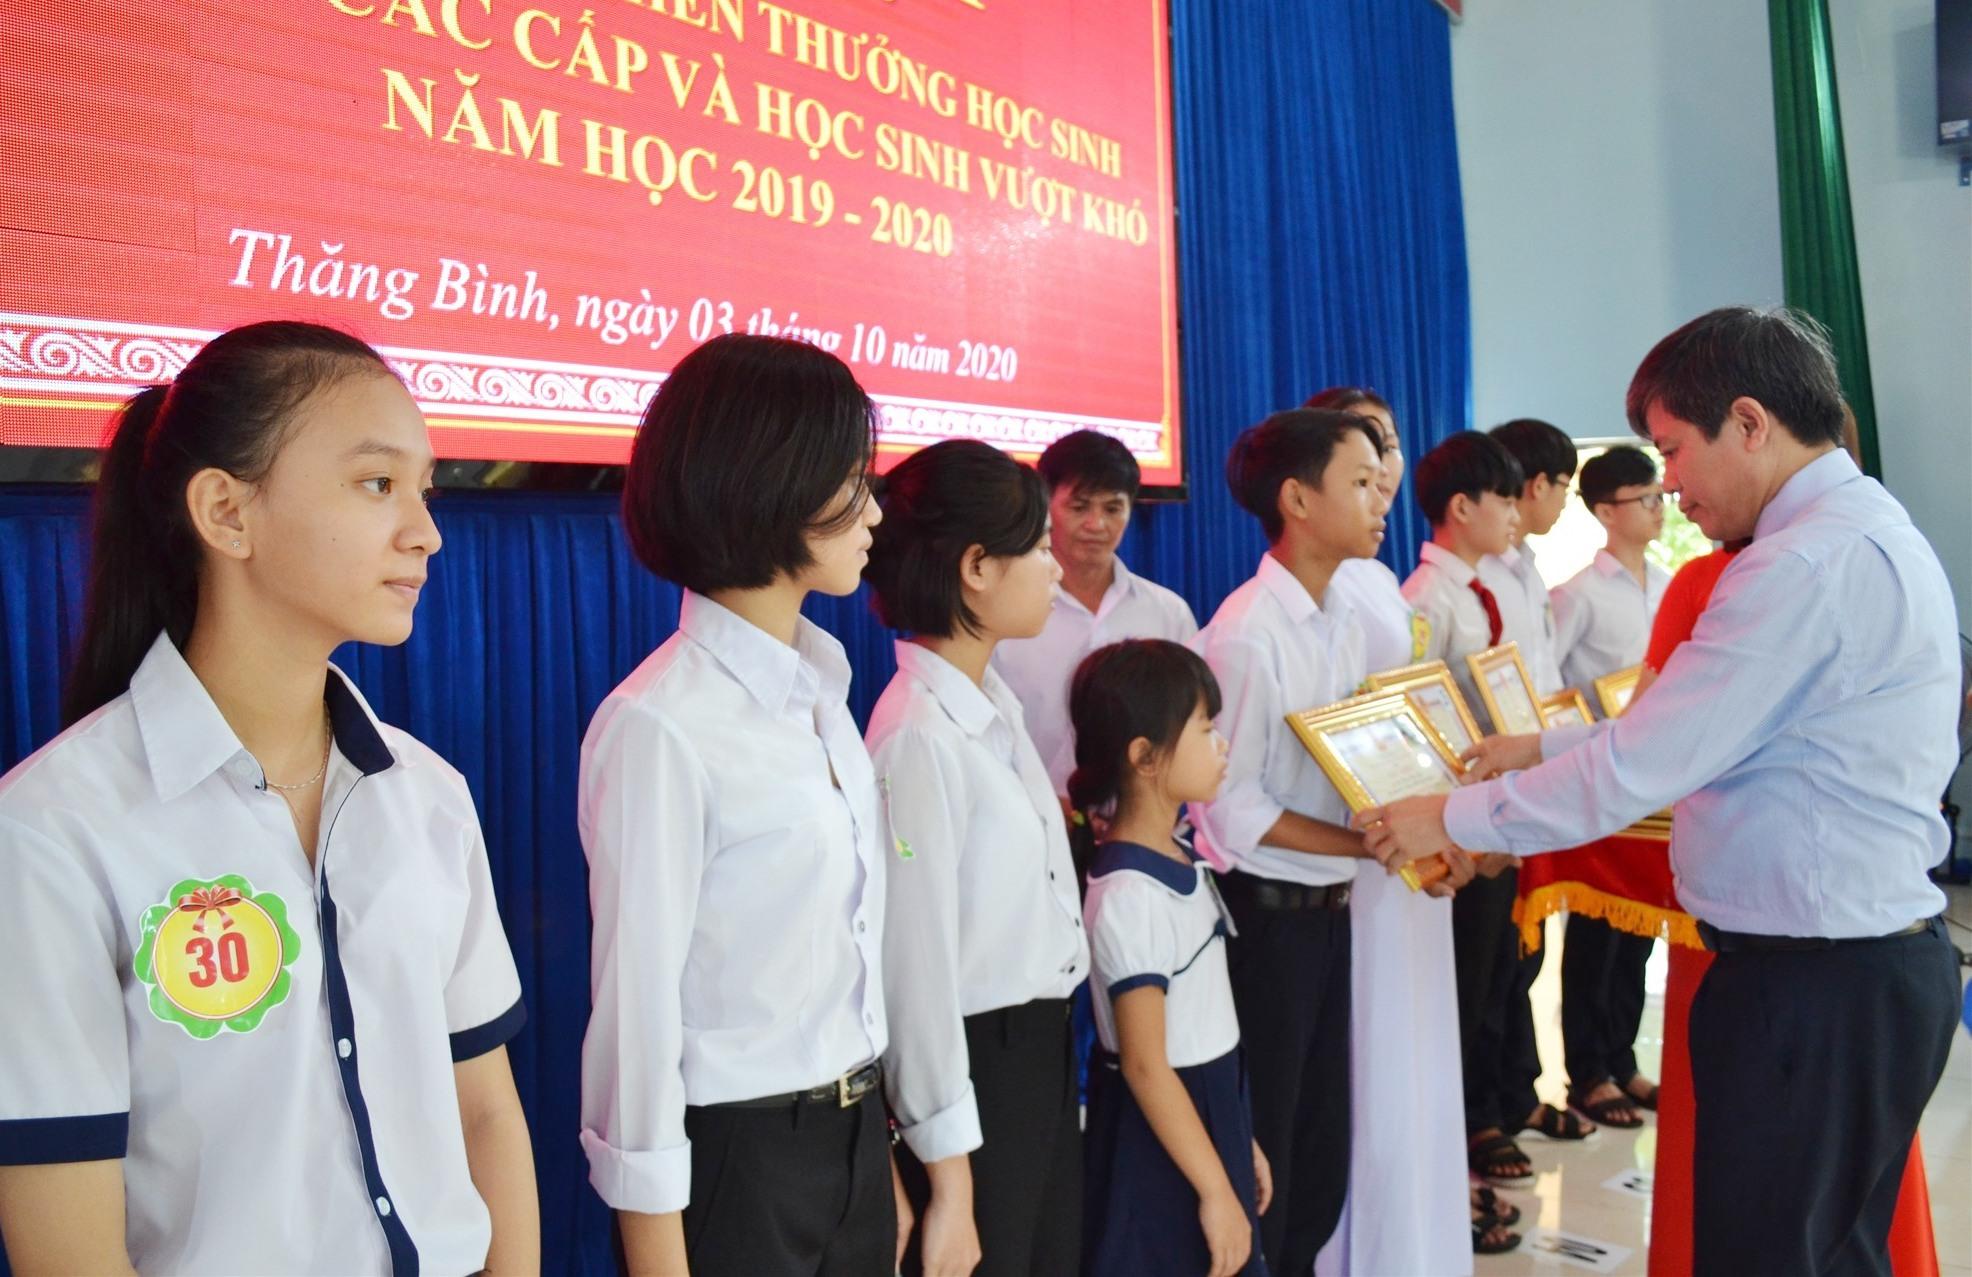 Ông Võ Văn Hùng tuyên dương, khen thưởng học sinh Thăng Bình đã có nhiều thành quả trong học tập. Ảnh: VIỆT NGUYỄN